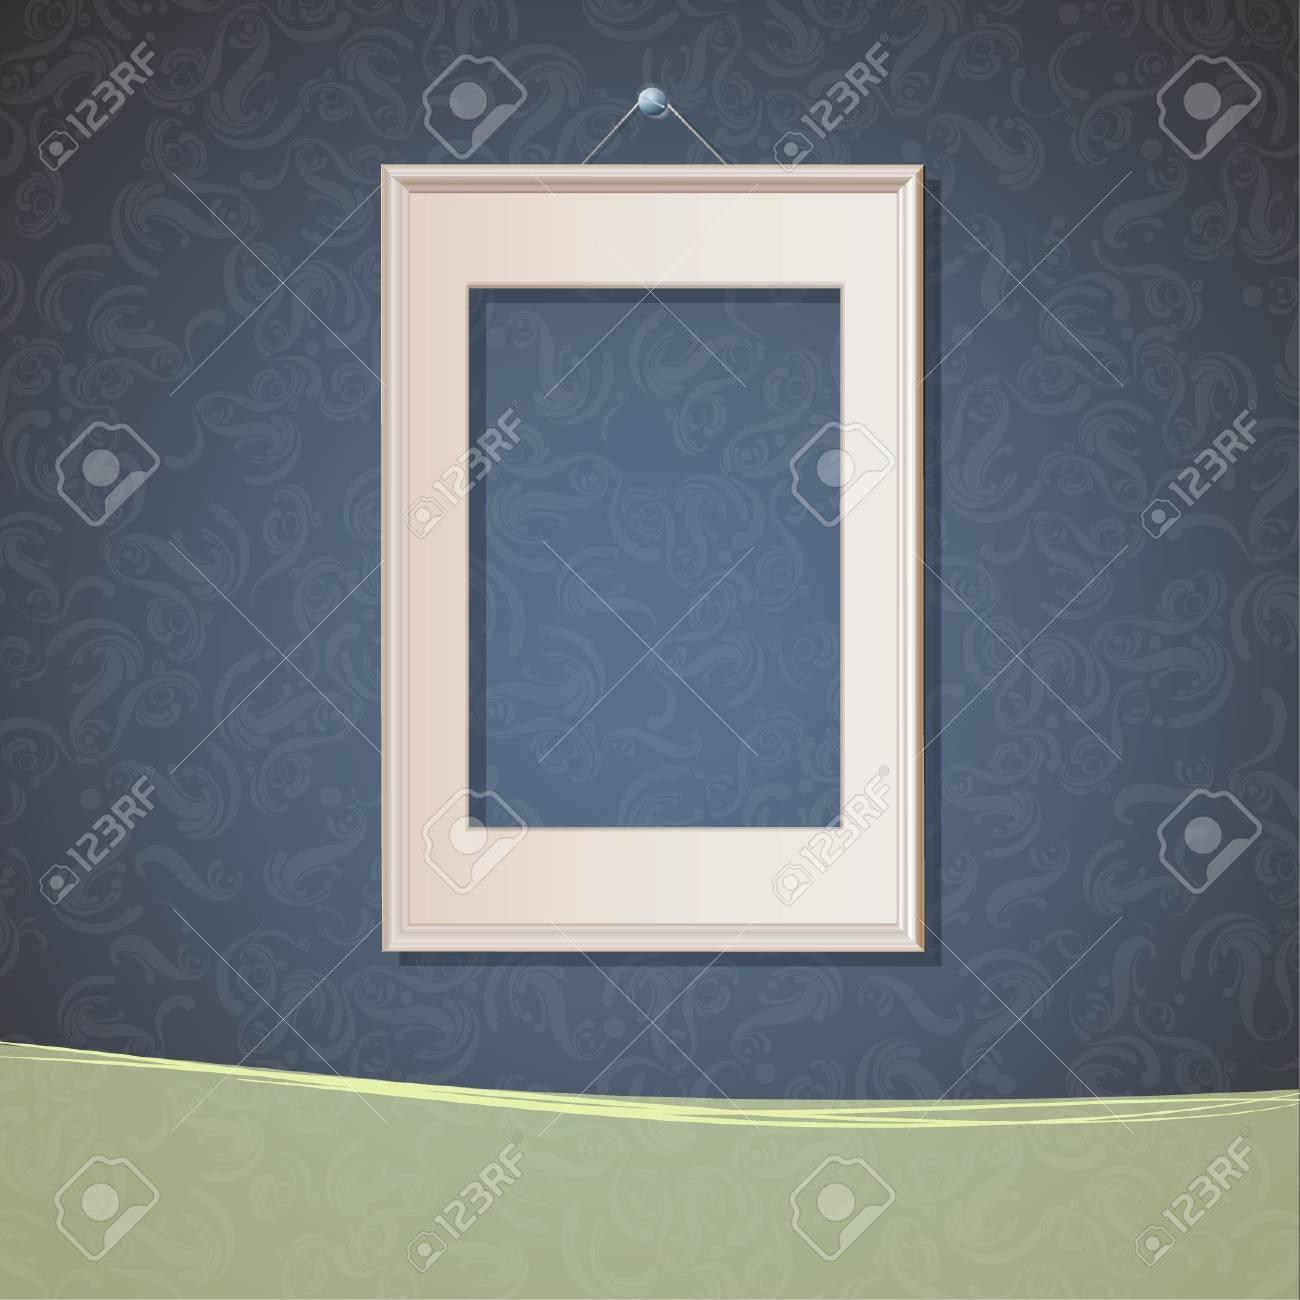 Realistic framework on vintage background  Design Stock Vector - 17150440